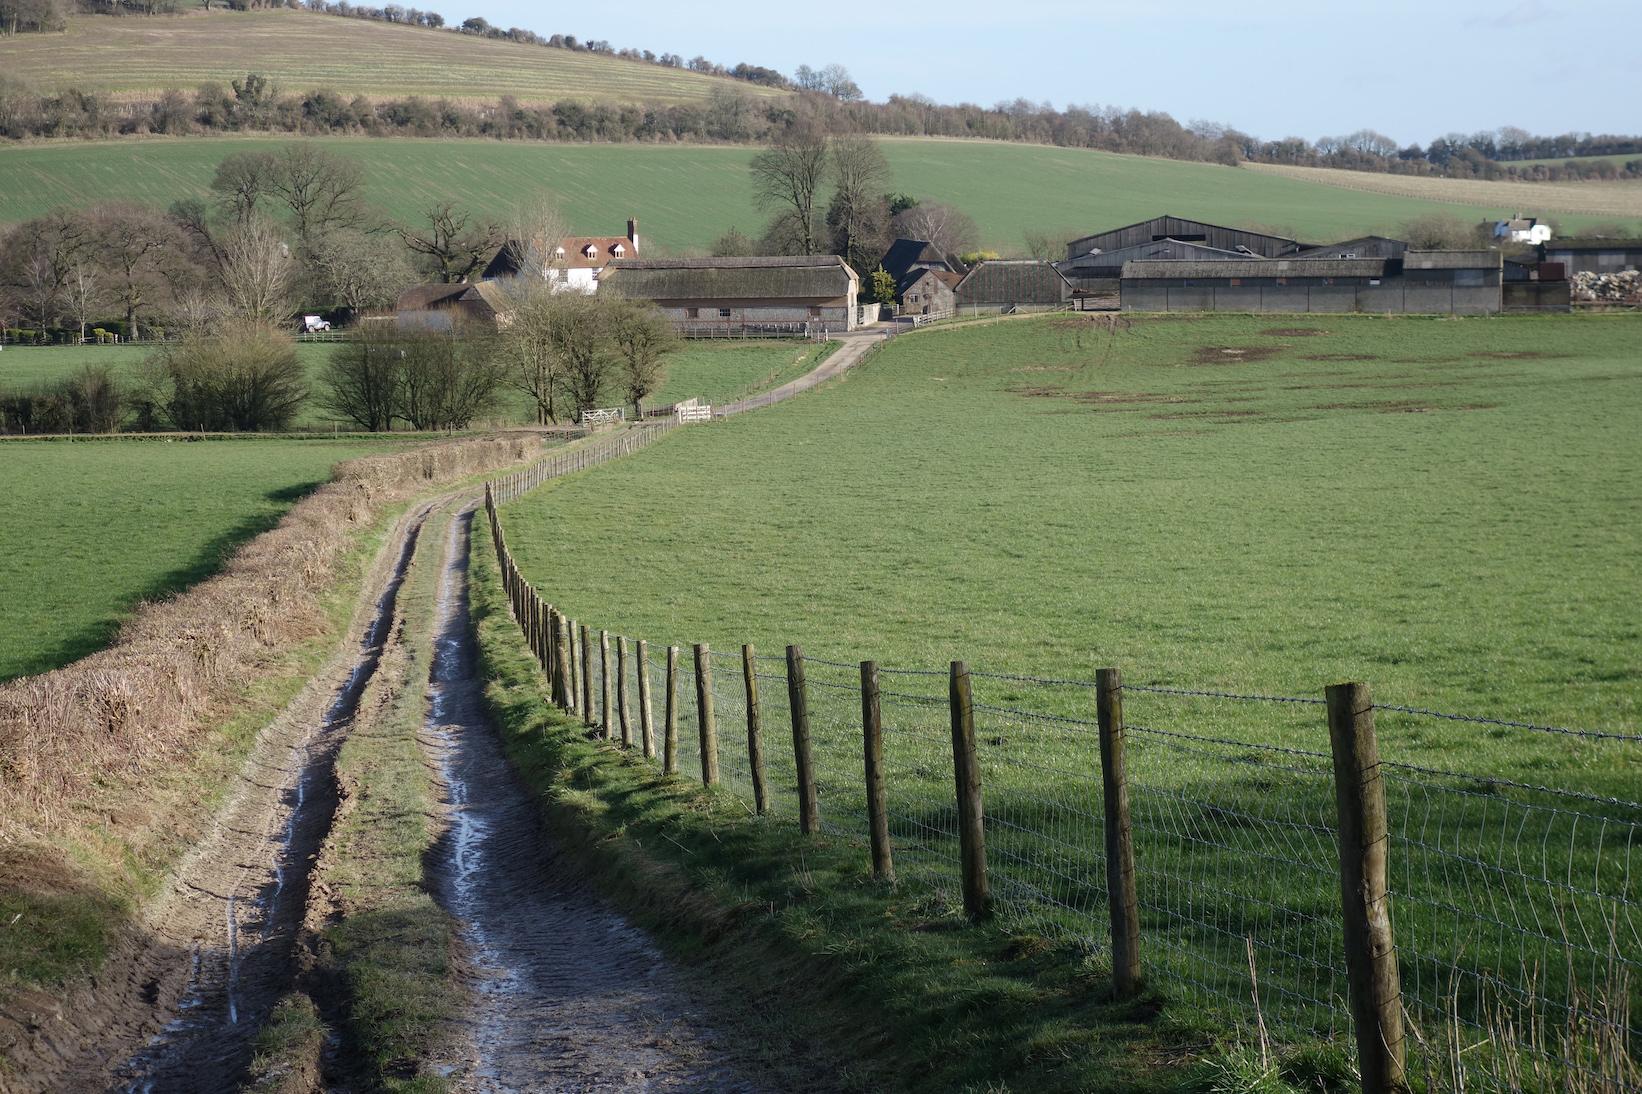 Towards a farm